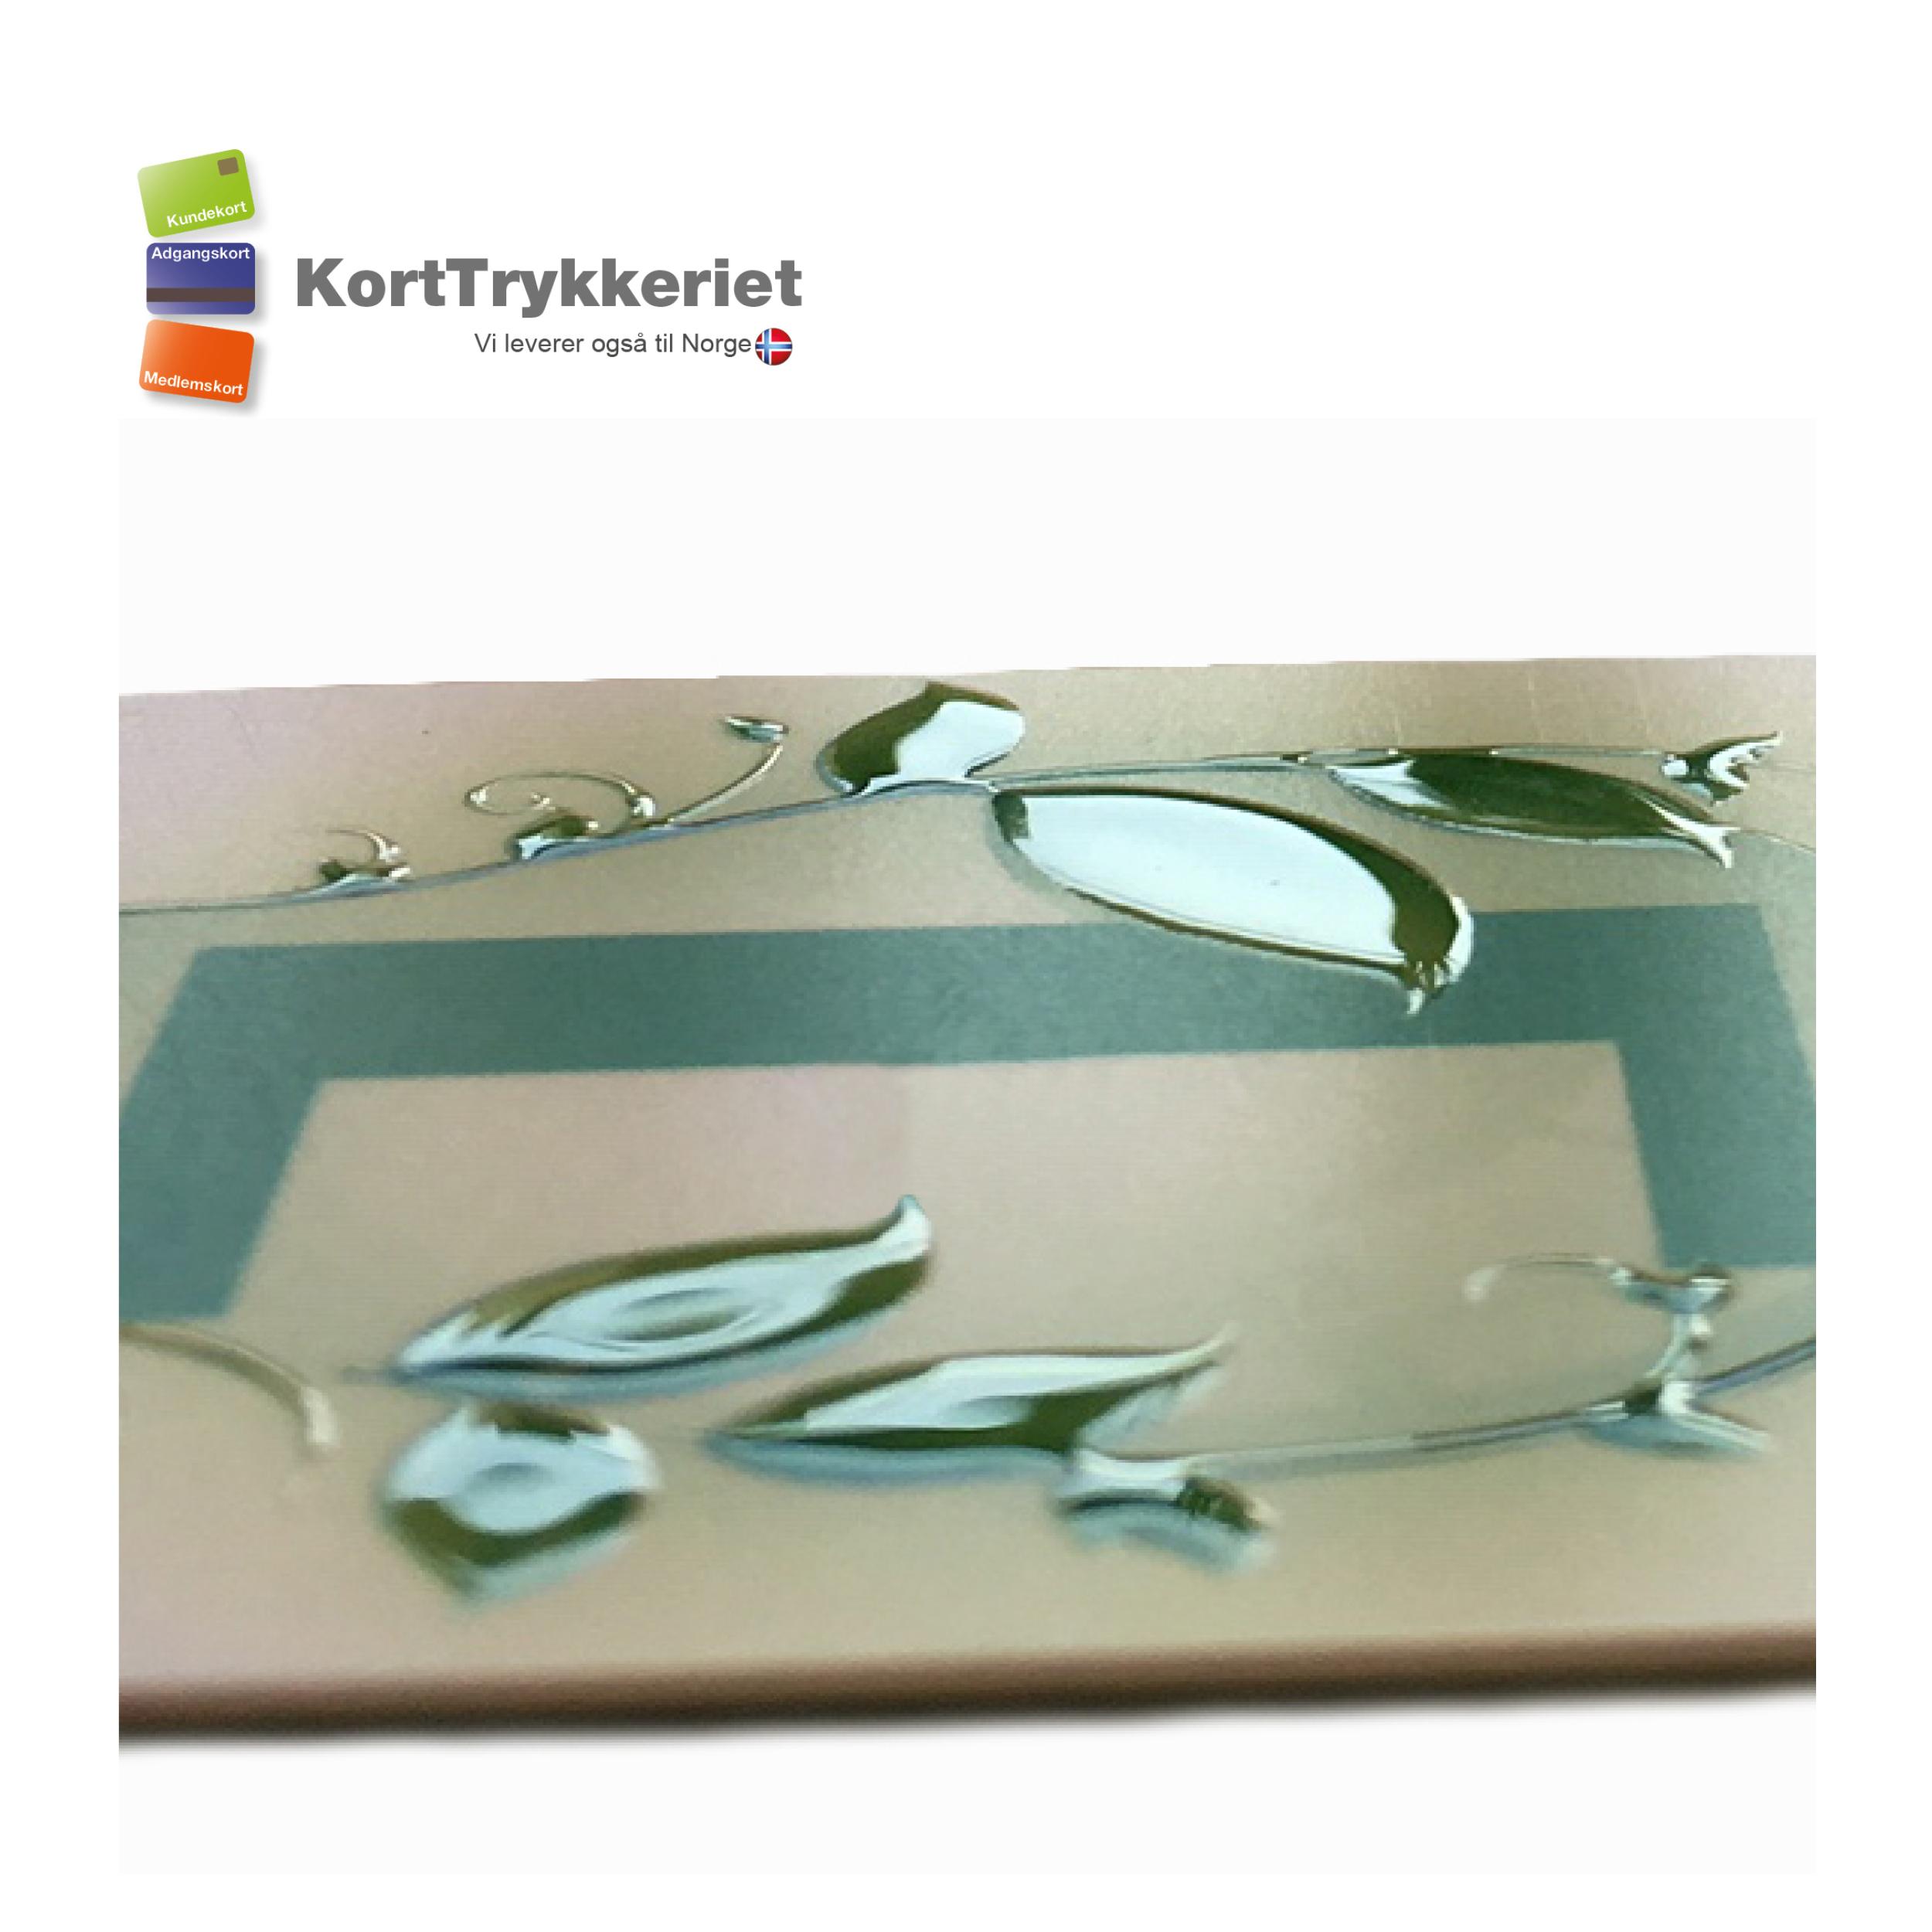 Plastkort med partiel lak_Korttrykkeriet.dk